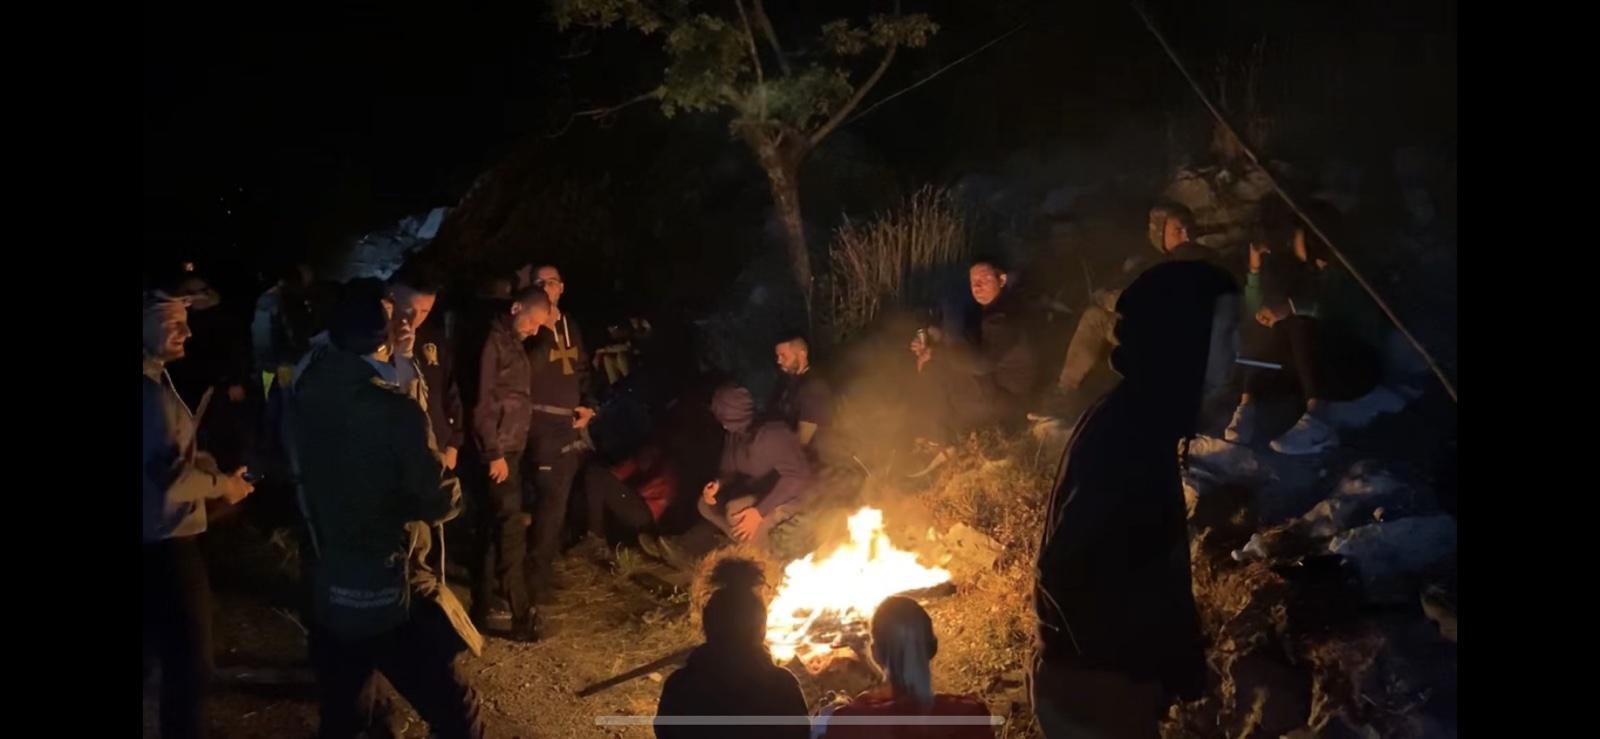 4. septembar u fotografijama i snimcima: Hiljade građana na cjelonoćnoj straži - Joanikije neće proći